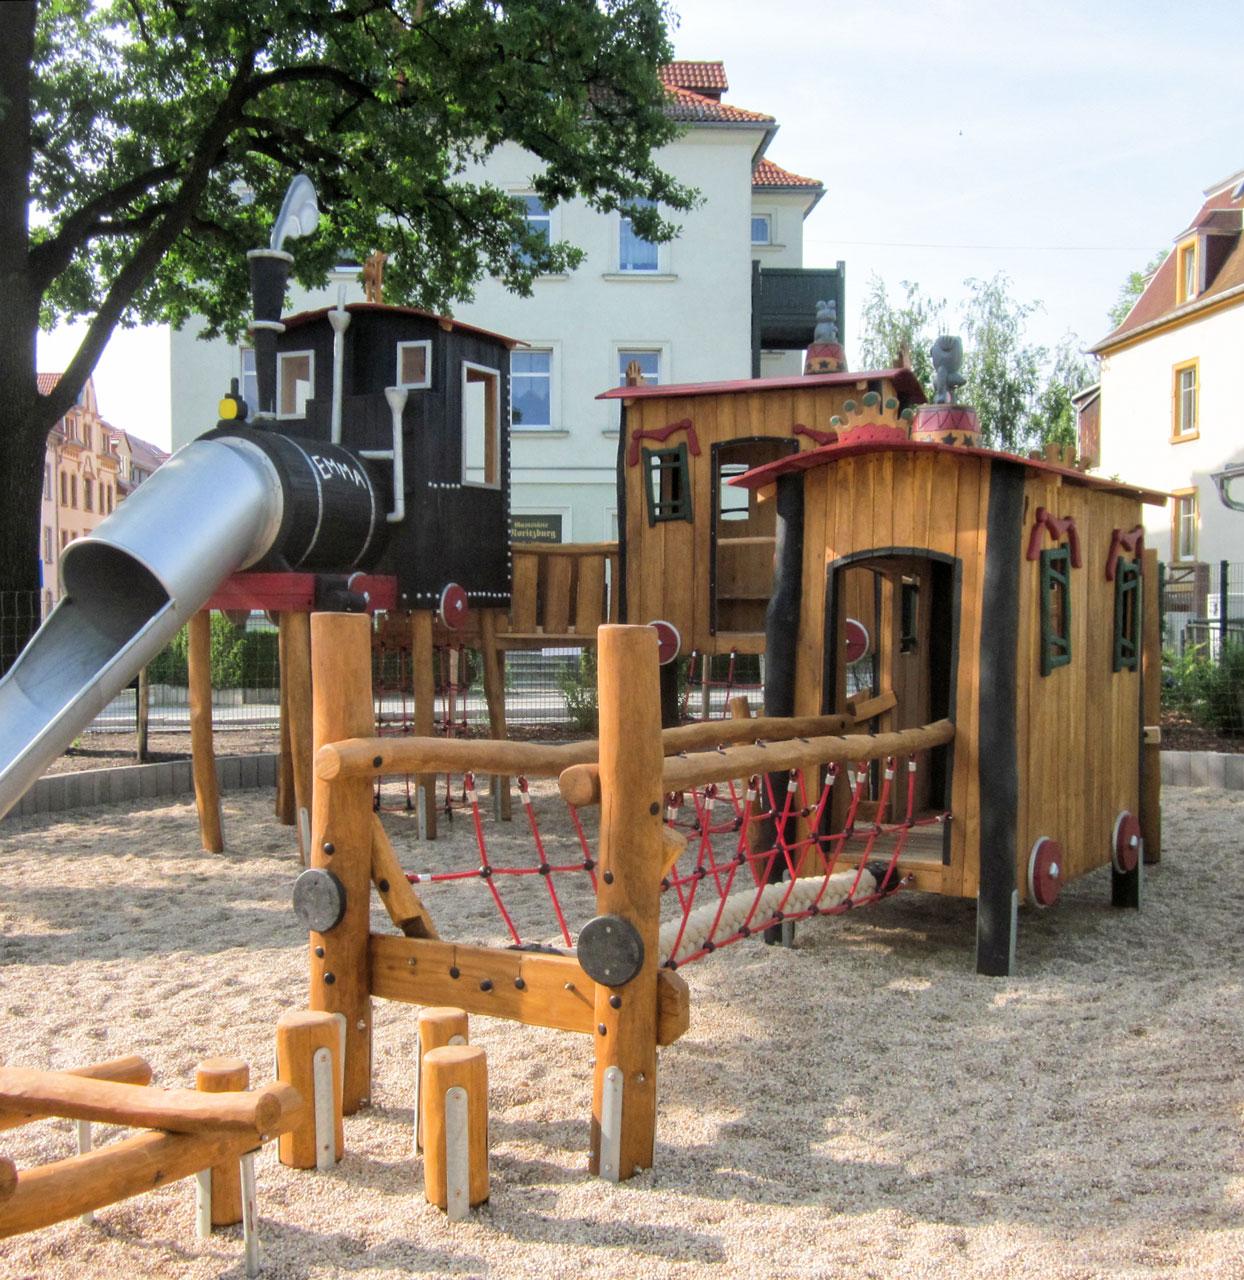 N 123 Themenspielplatz Eisenbahn Zug Fliegende Emma